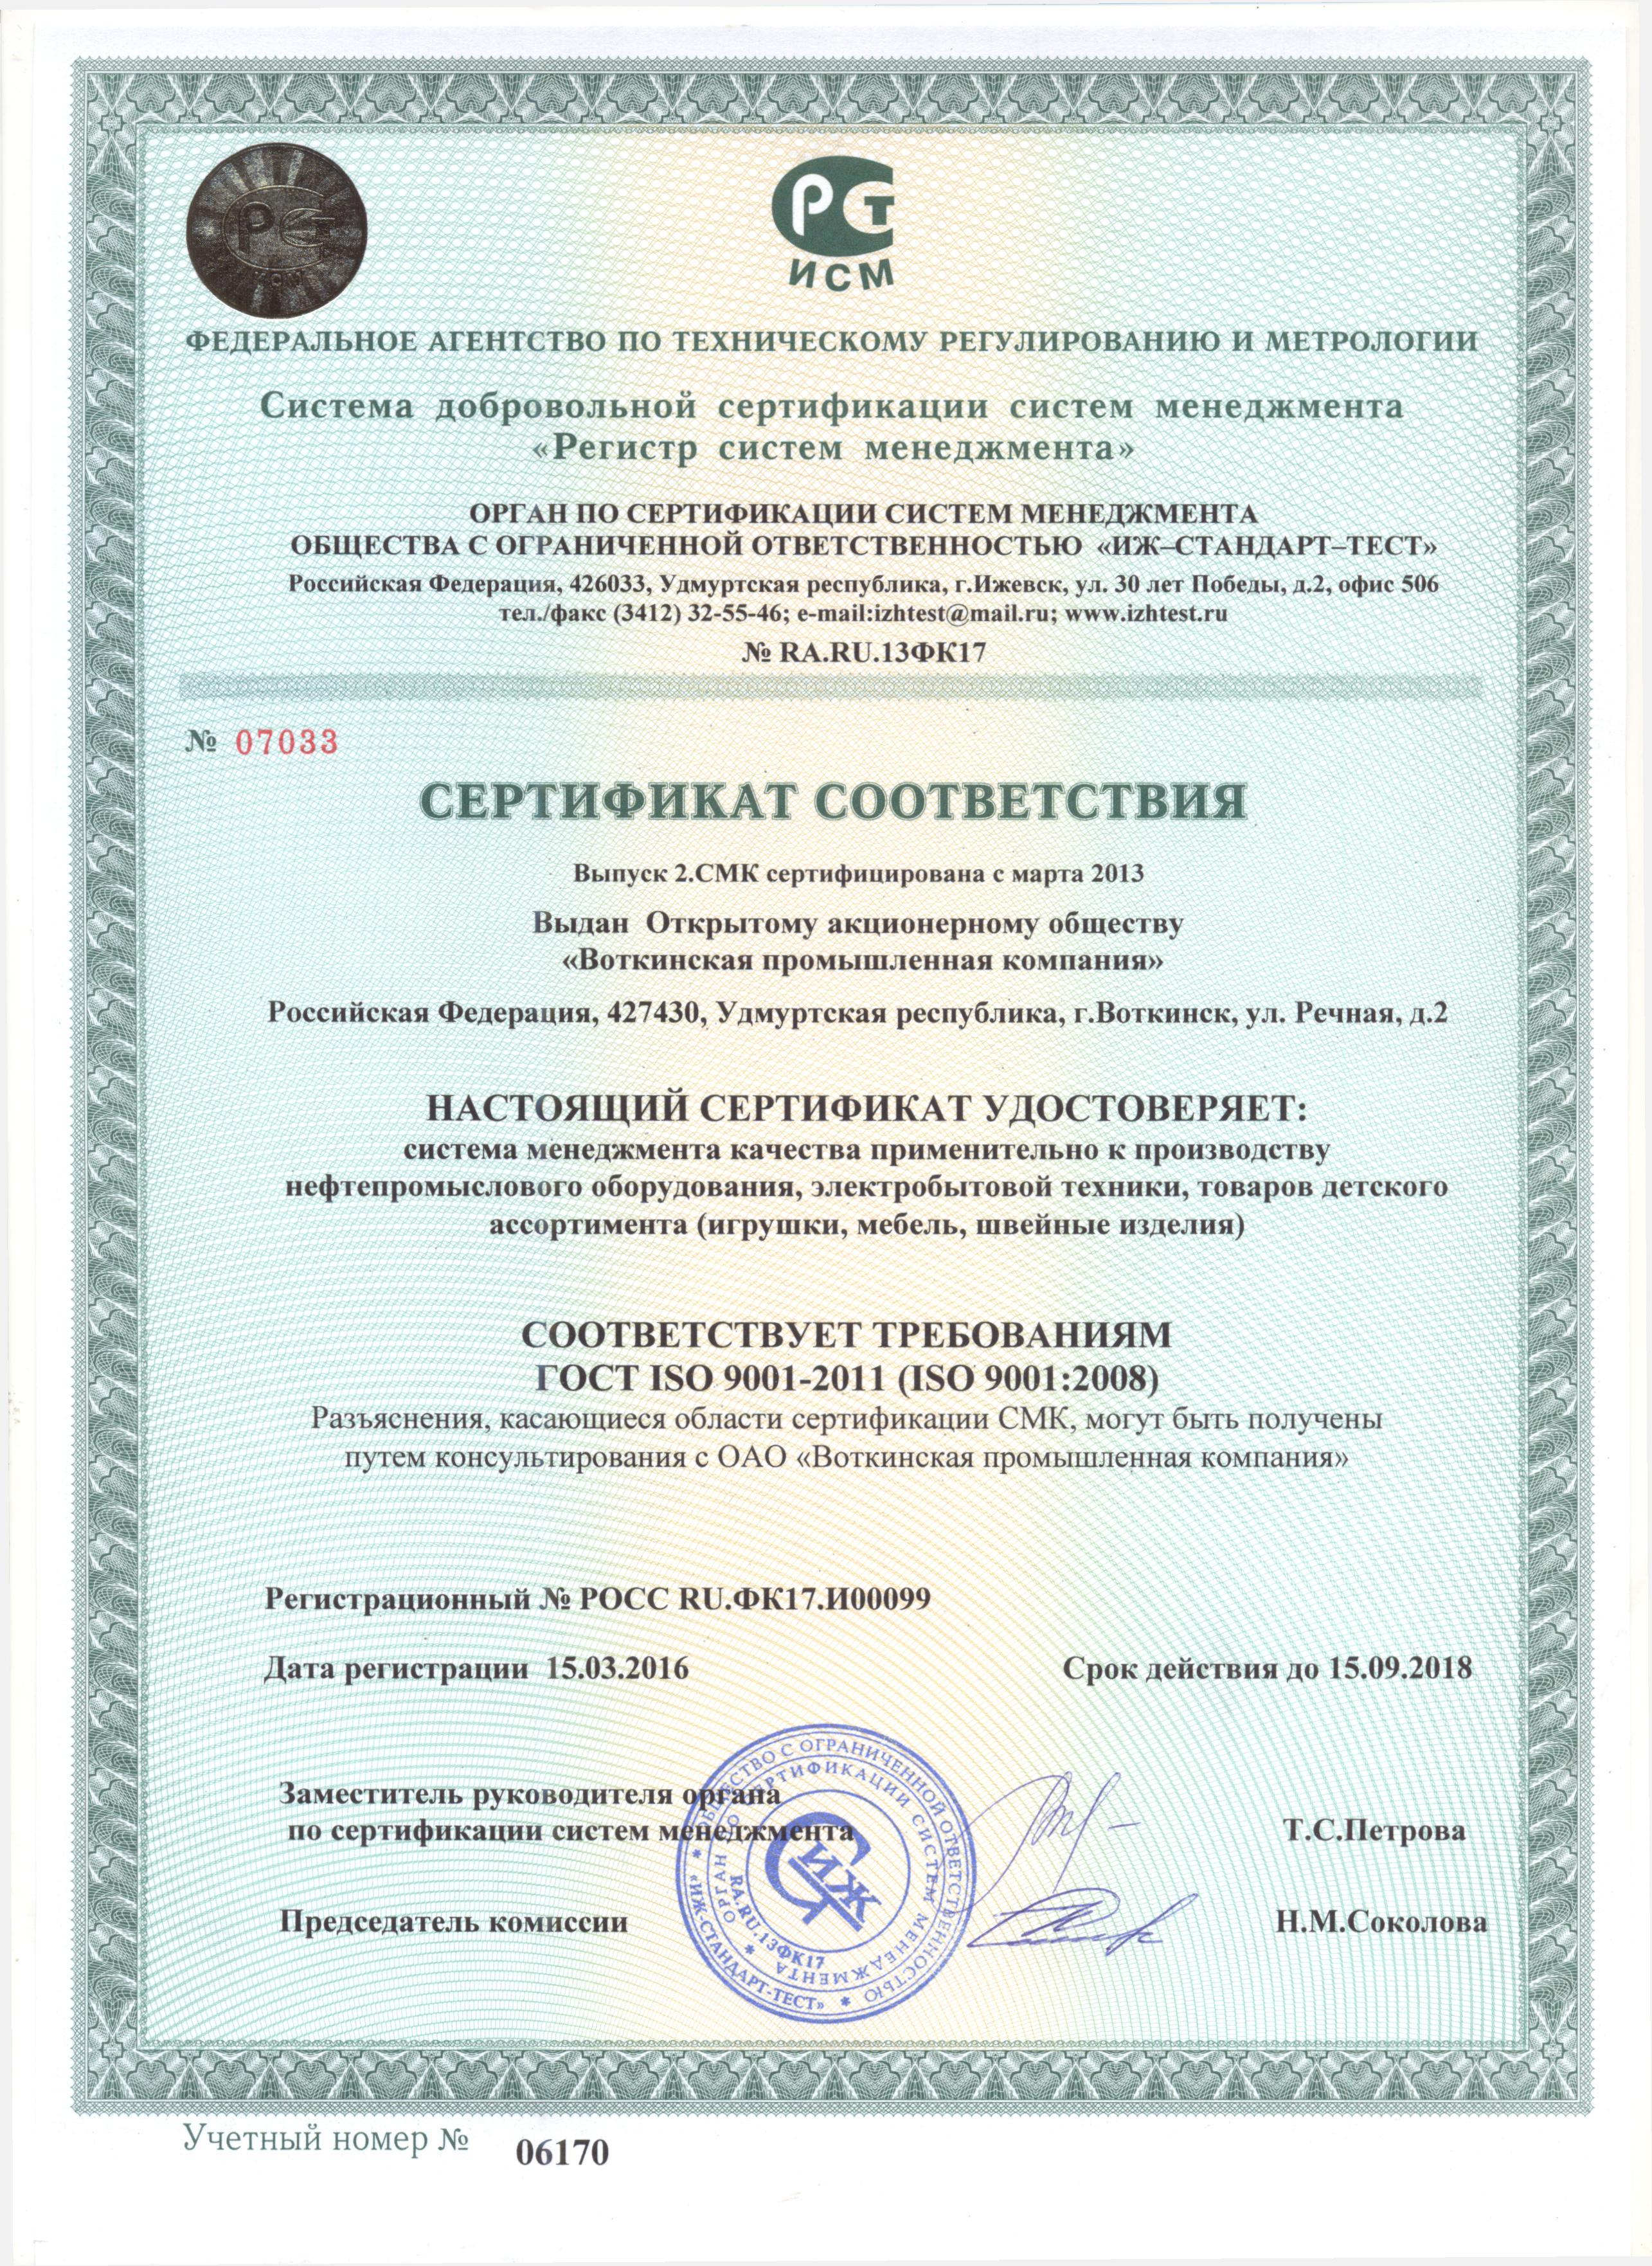 Сертификатов на соответствие требованиям гост исо 9001 сертификация pmi ipma